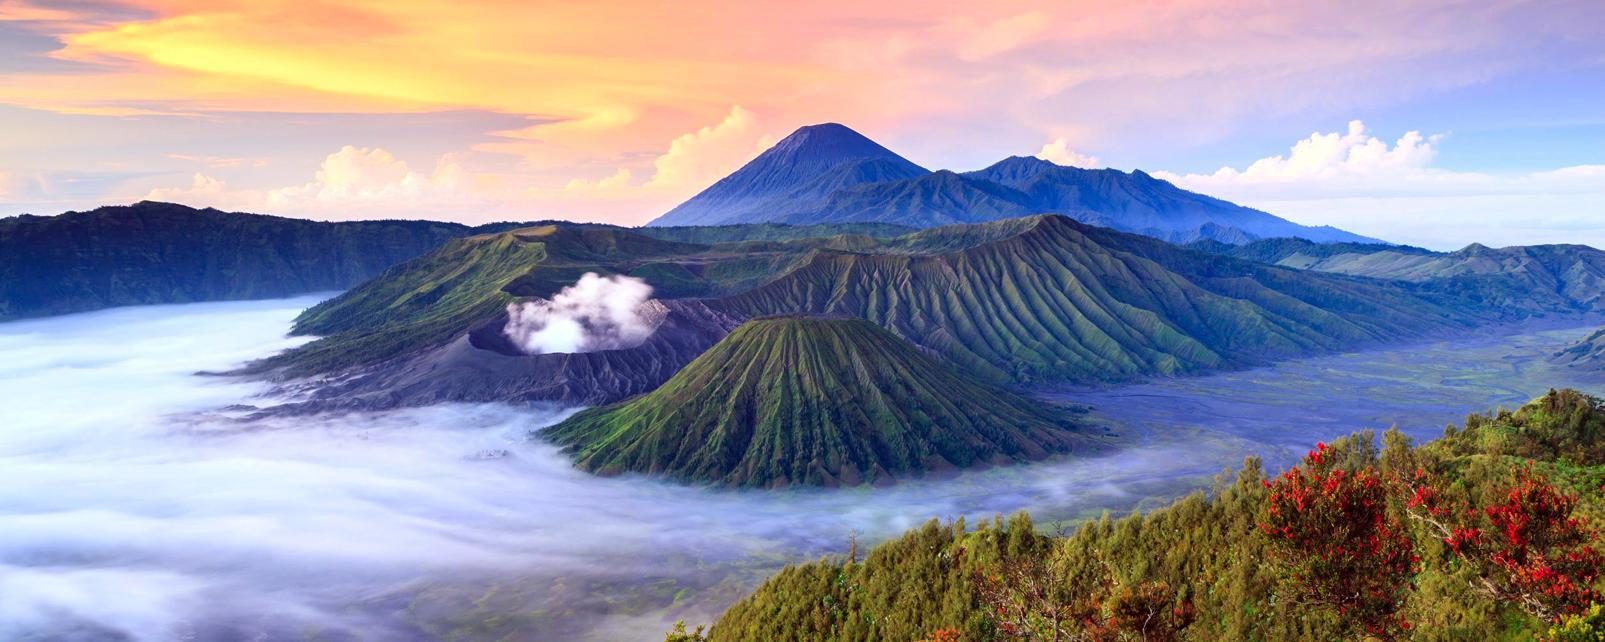 Asie, Indonésie, Java, volcan, Bromo, arbre,